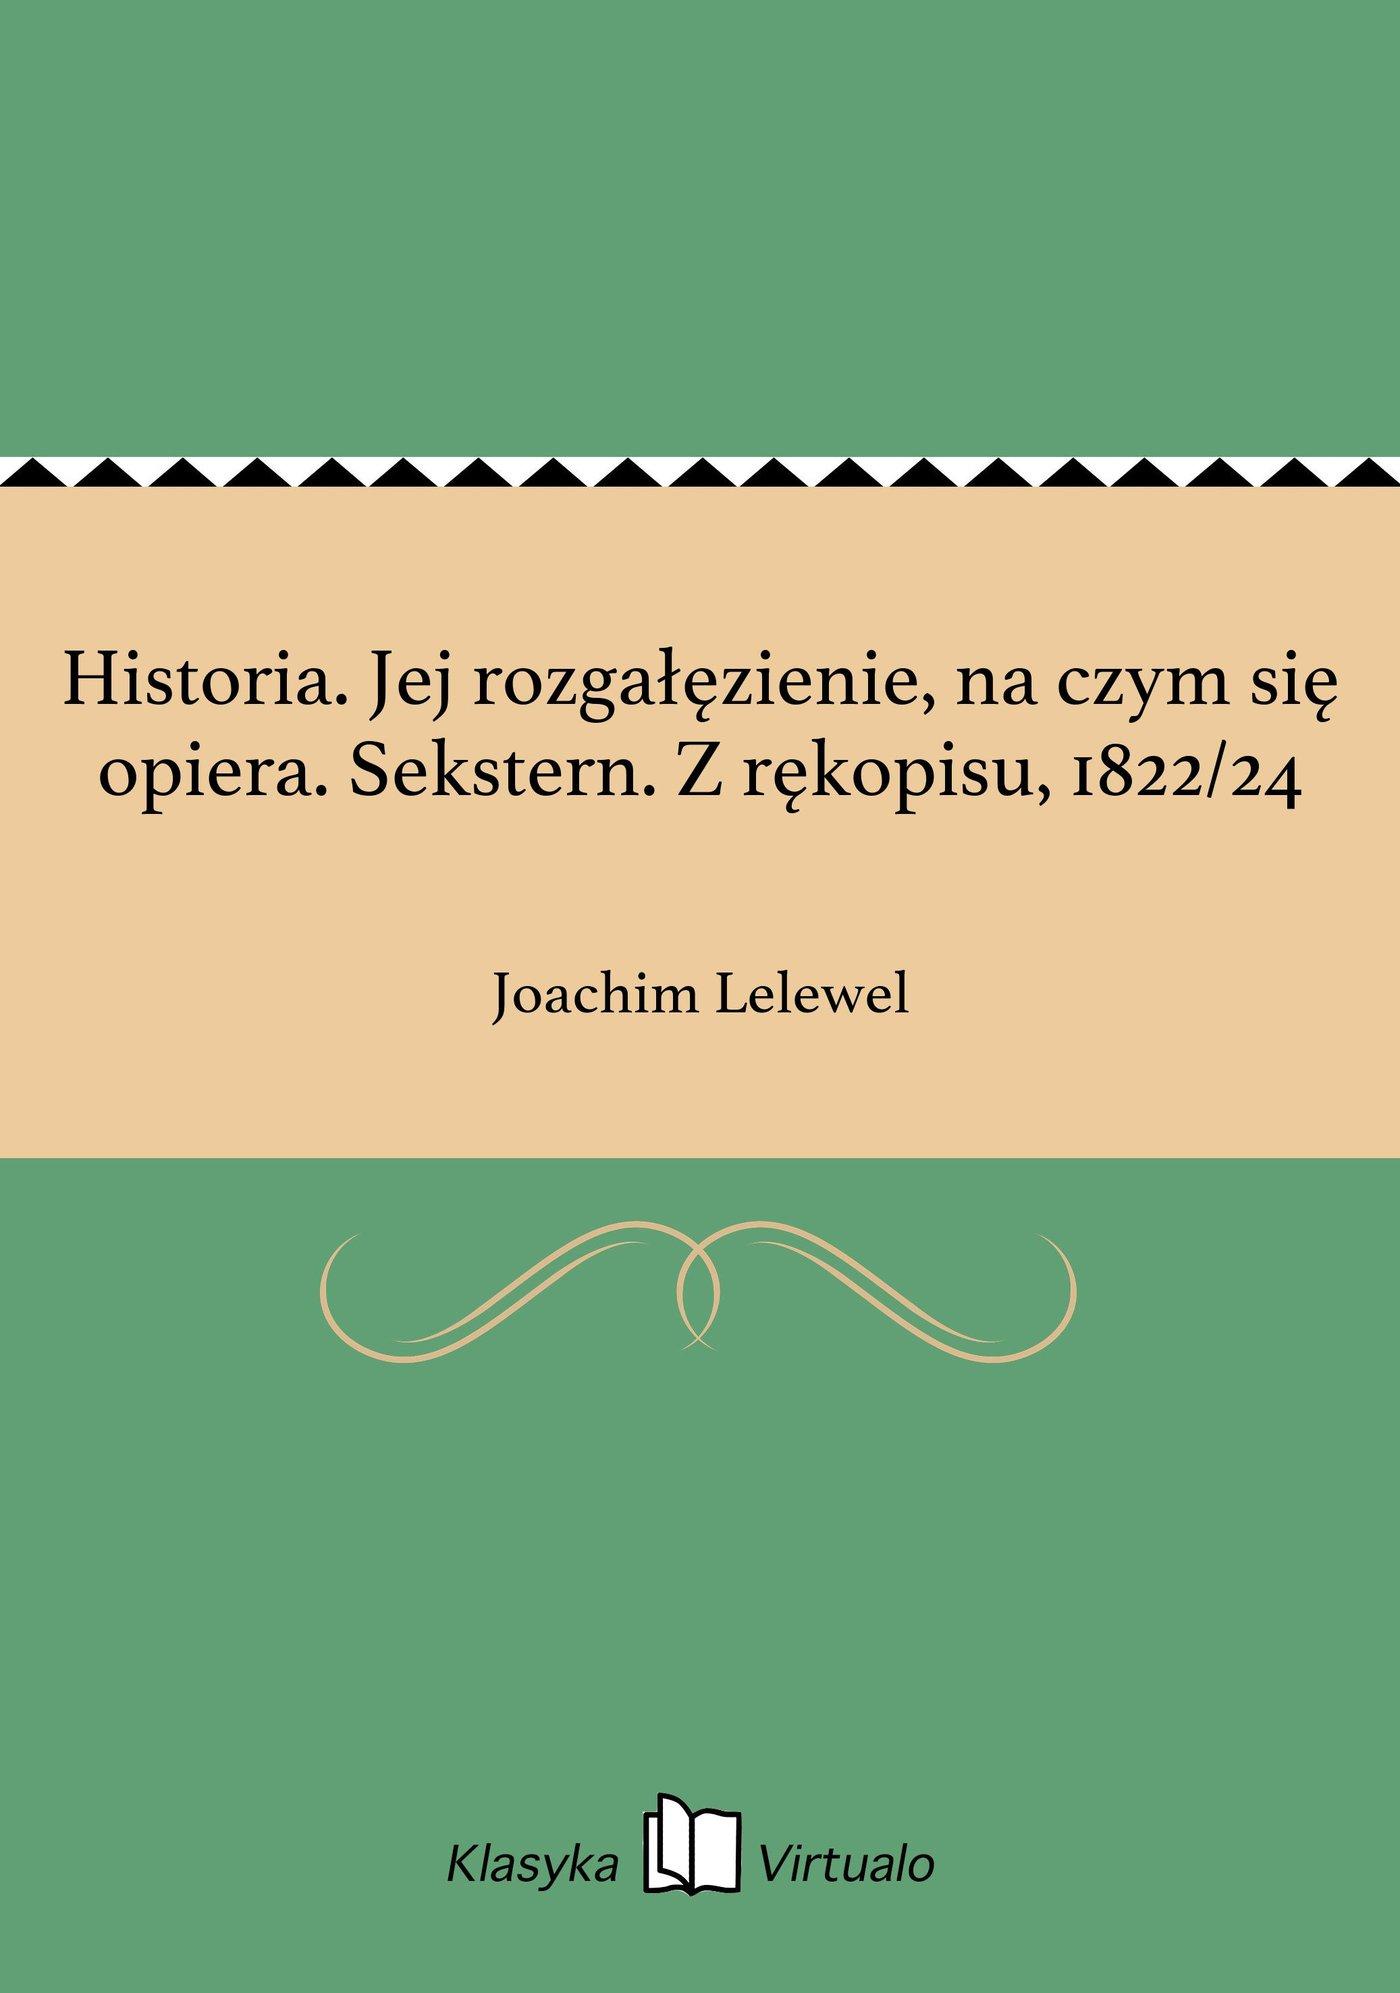 Historia. Jej rozgałęzienie, na czym się opiera. Sekstern. Z rękopisu, 1822/24 - Ebook (Książka EPUB) do pobrania w formacie EPUB